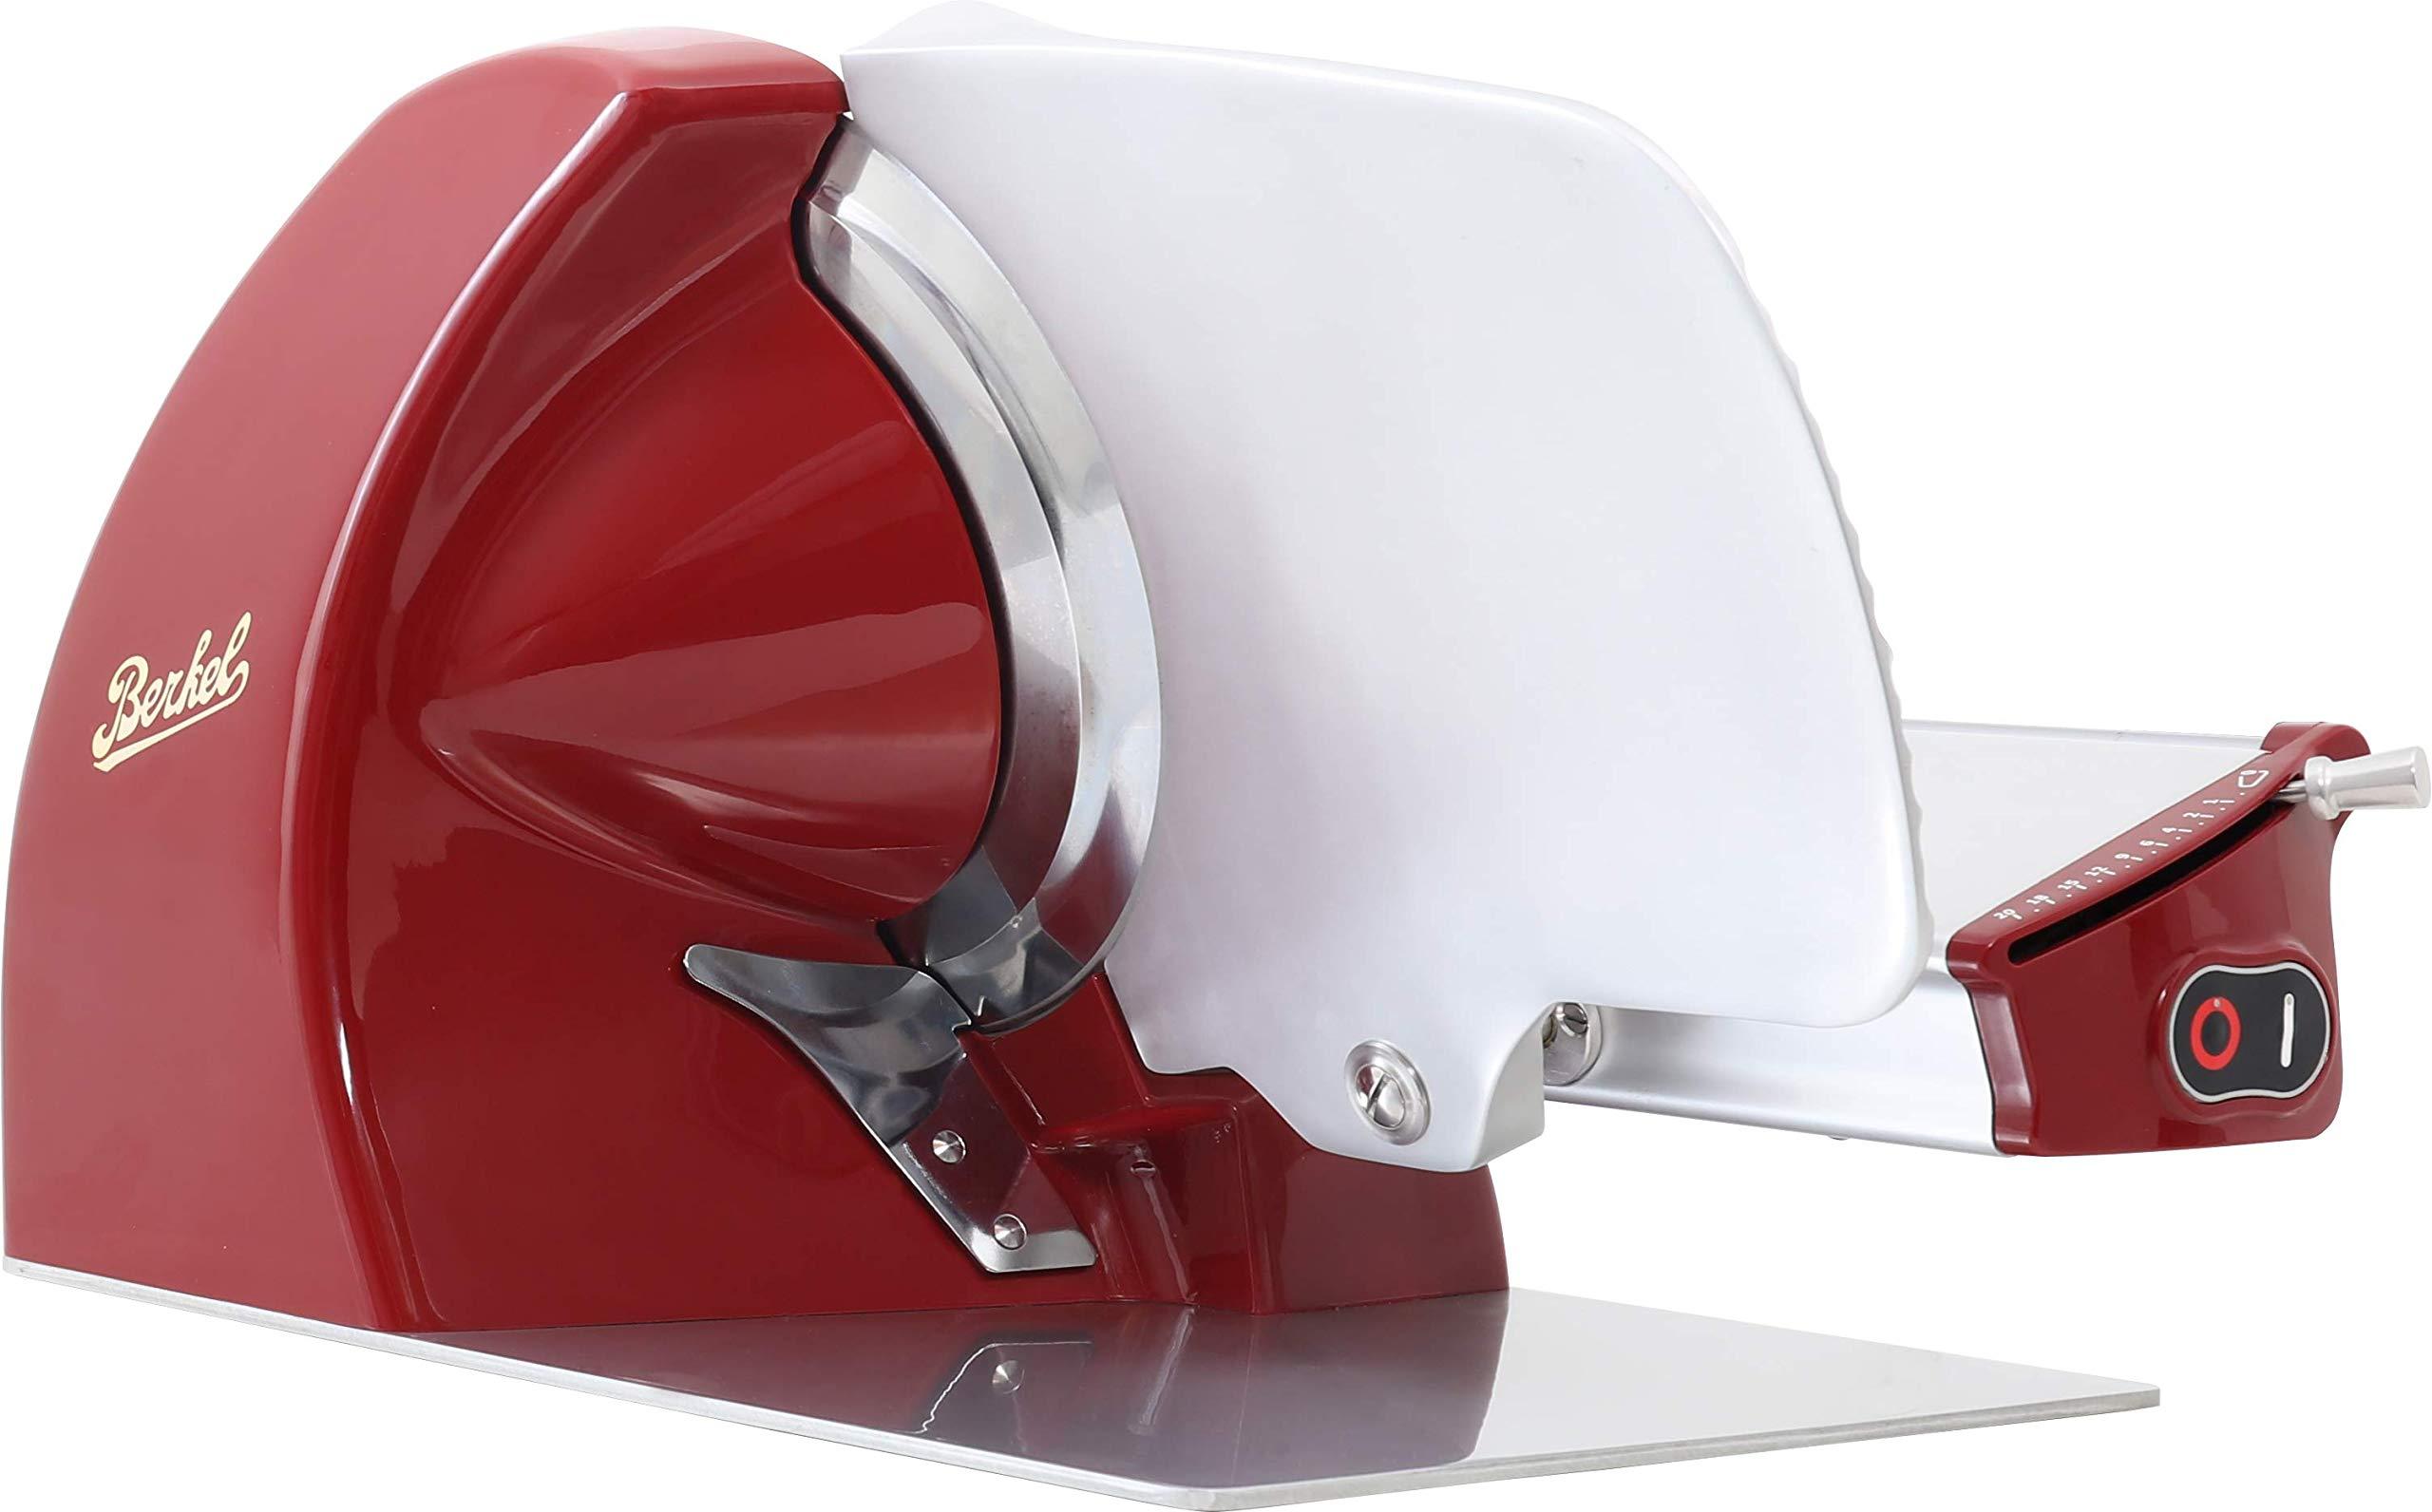 Berkel Home Line 250 Red Stainless Steel Electric Slicer by Berkel